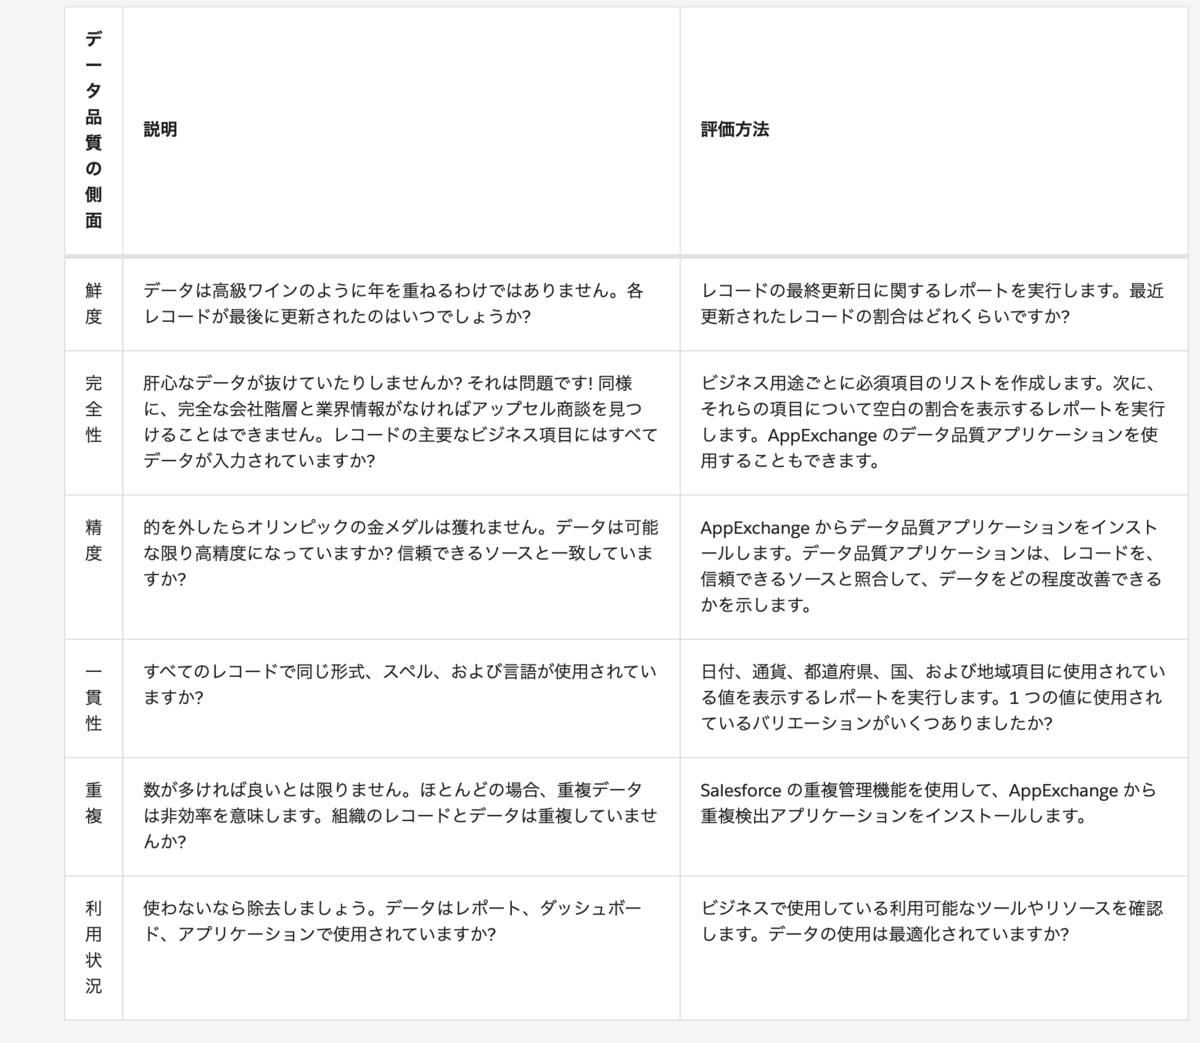 f:id:yujiro0320:20191012185856p:plain